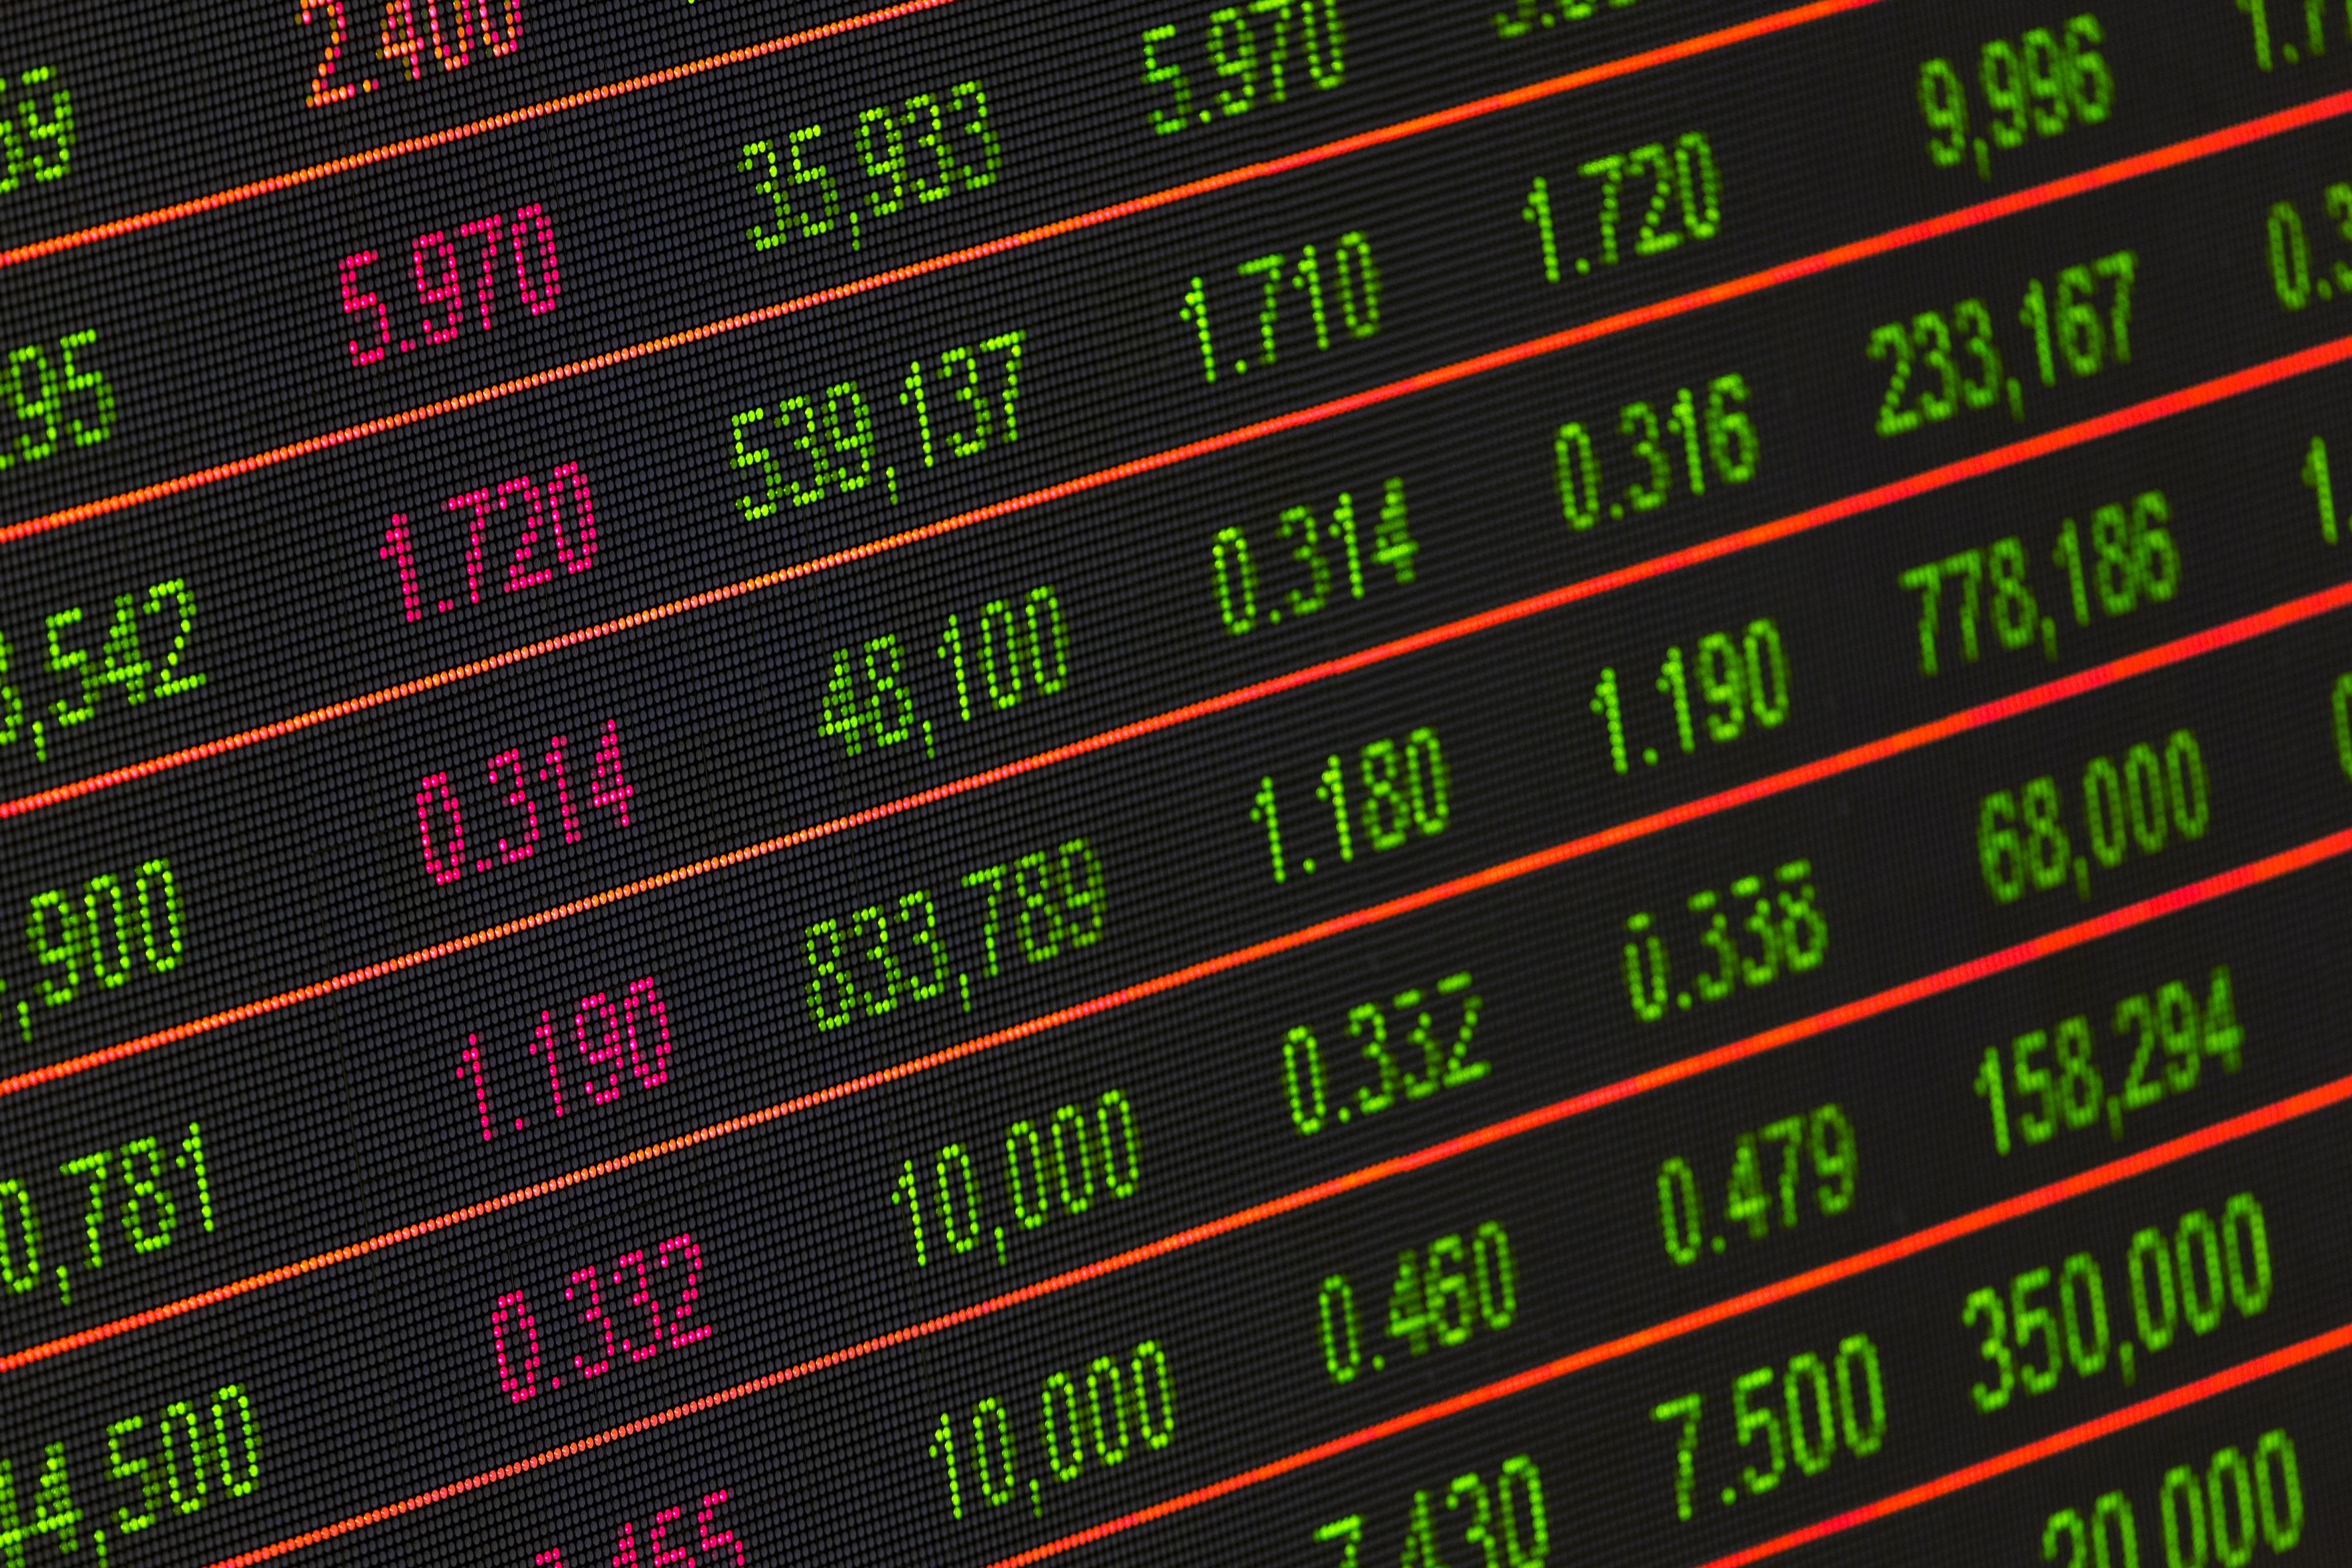 ingyenes bitcoin bányász valódi lehetőségek a projektmenedzsmentben